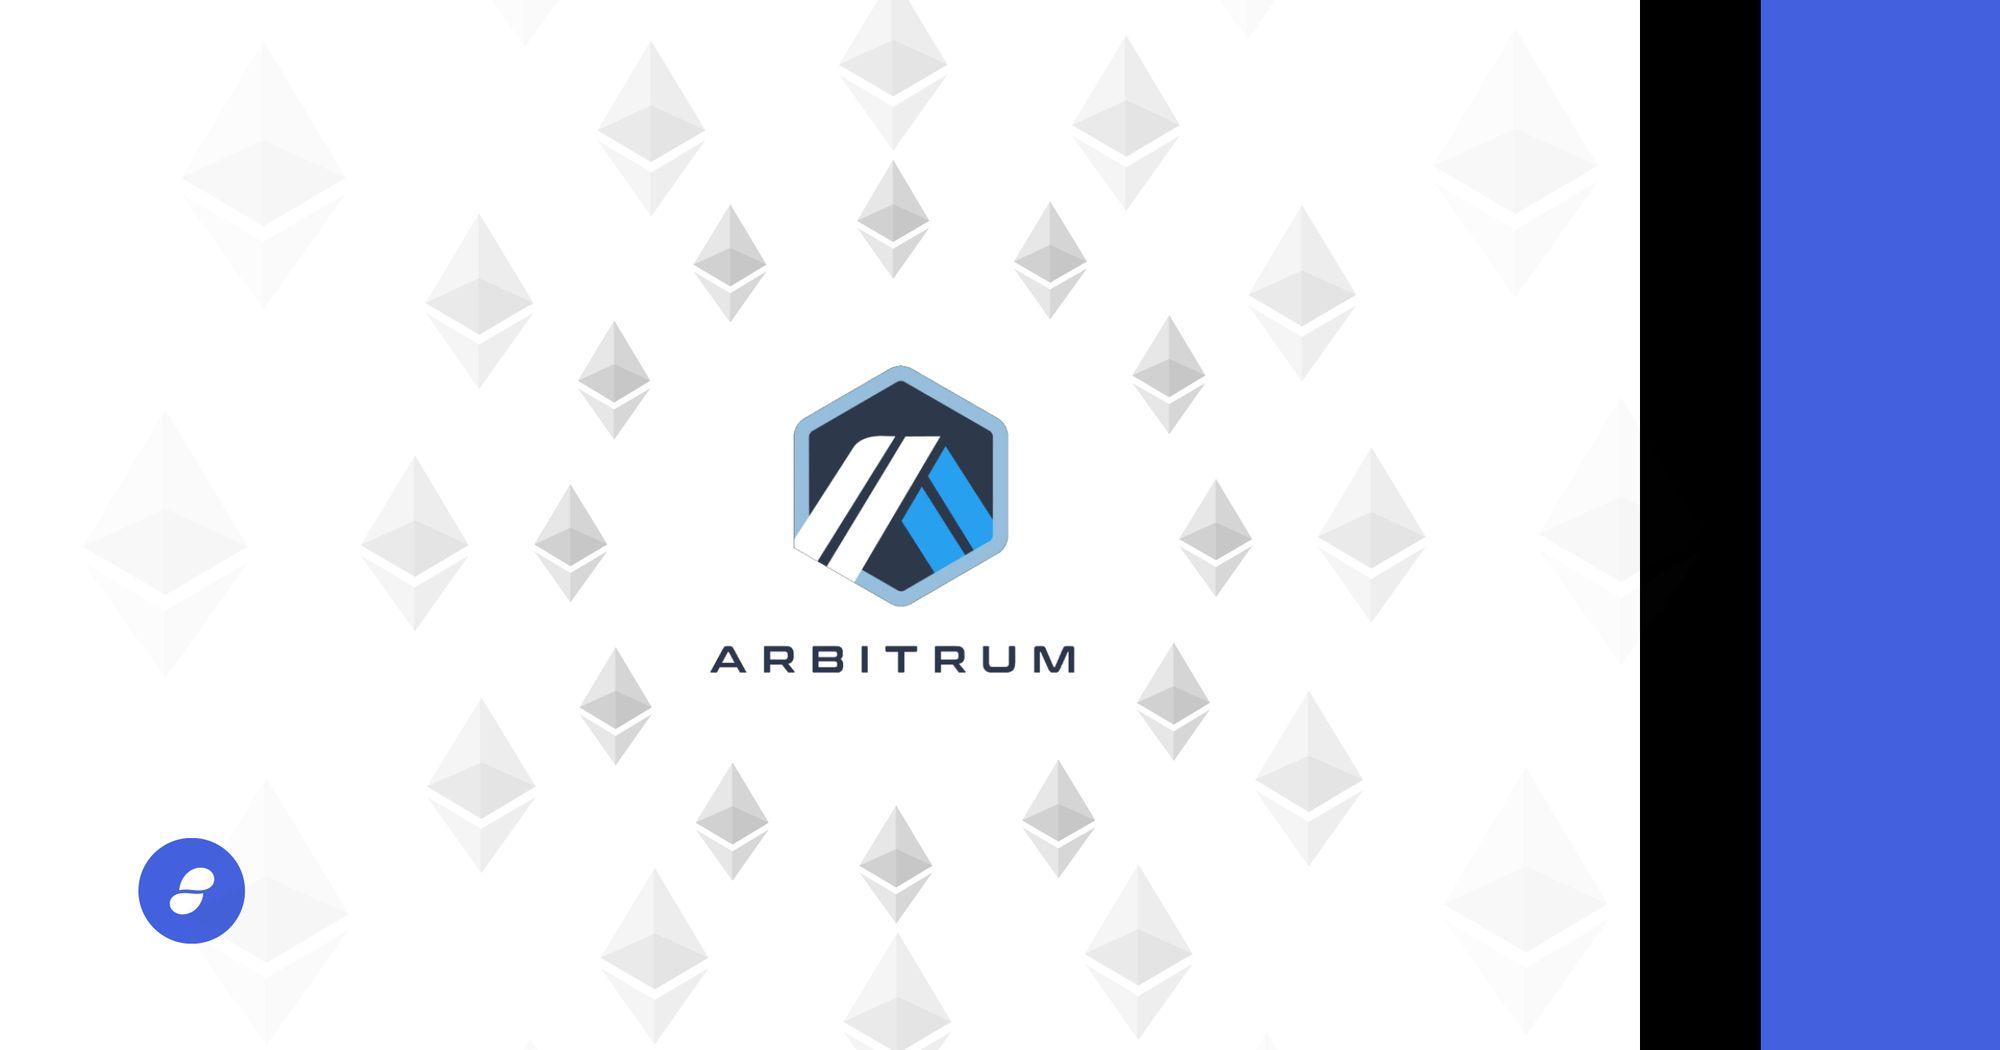 Arbitrum is bringing scalability to Ethereum